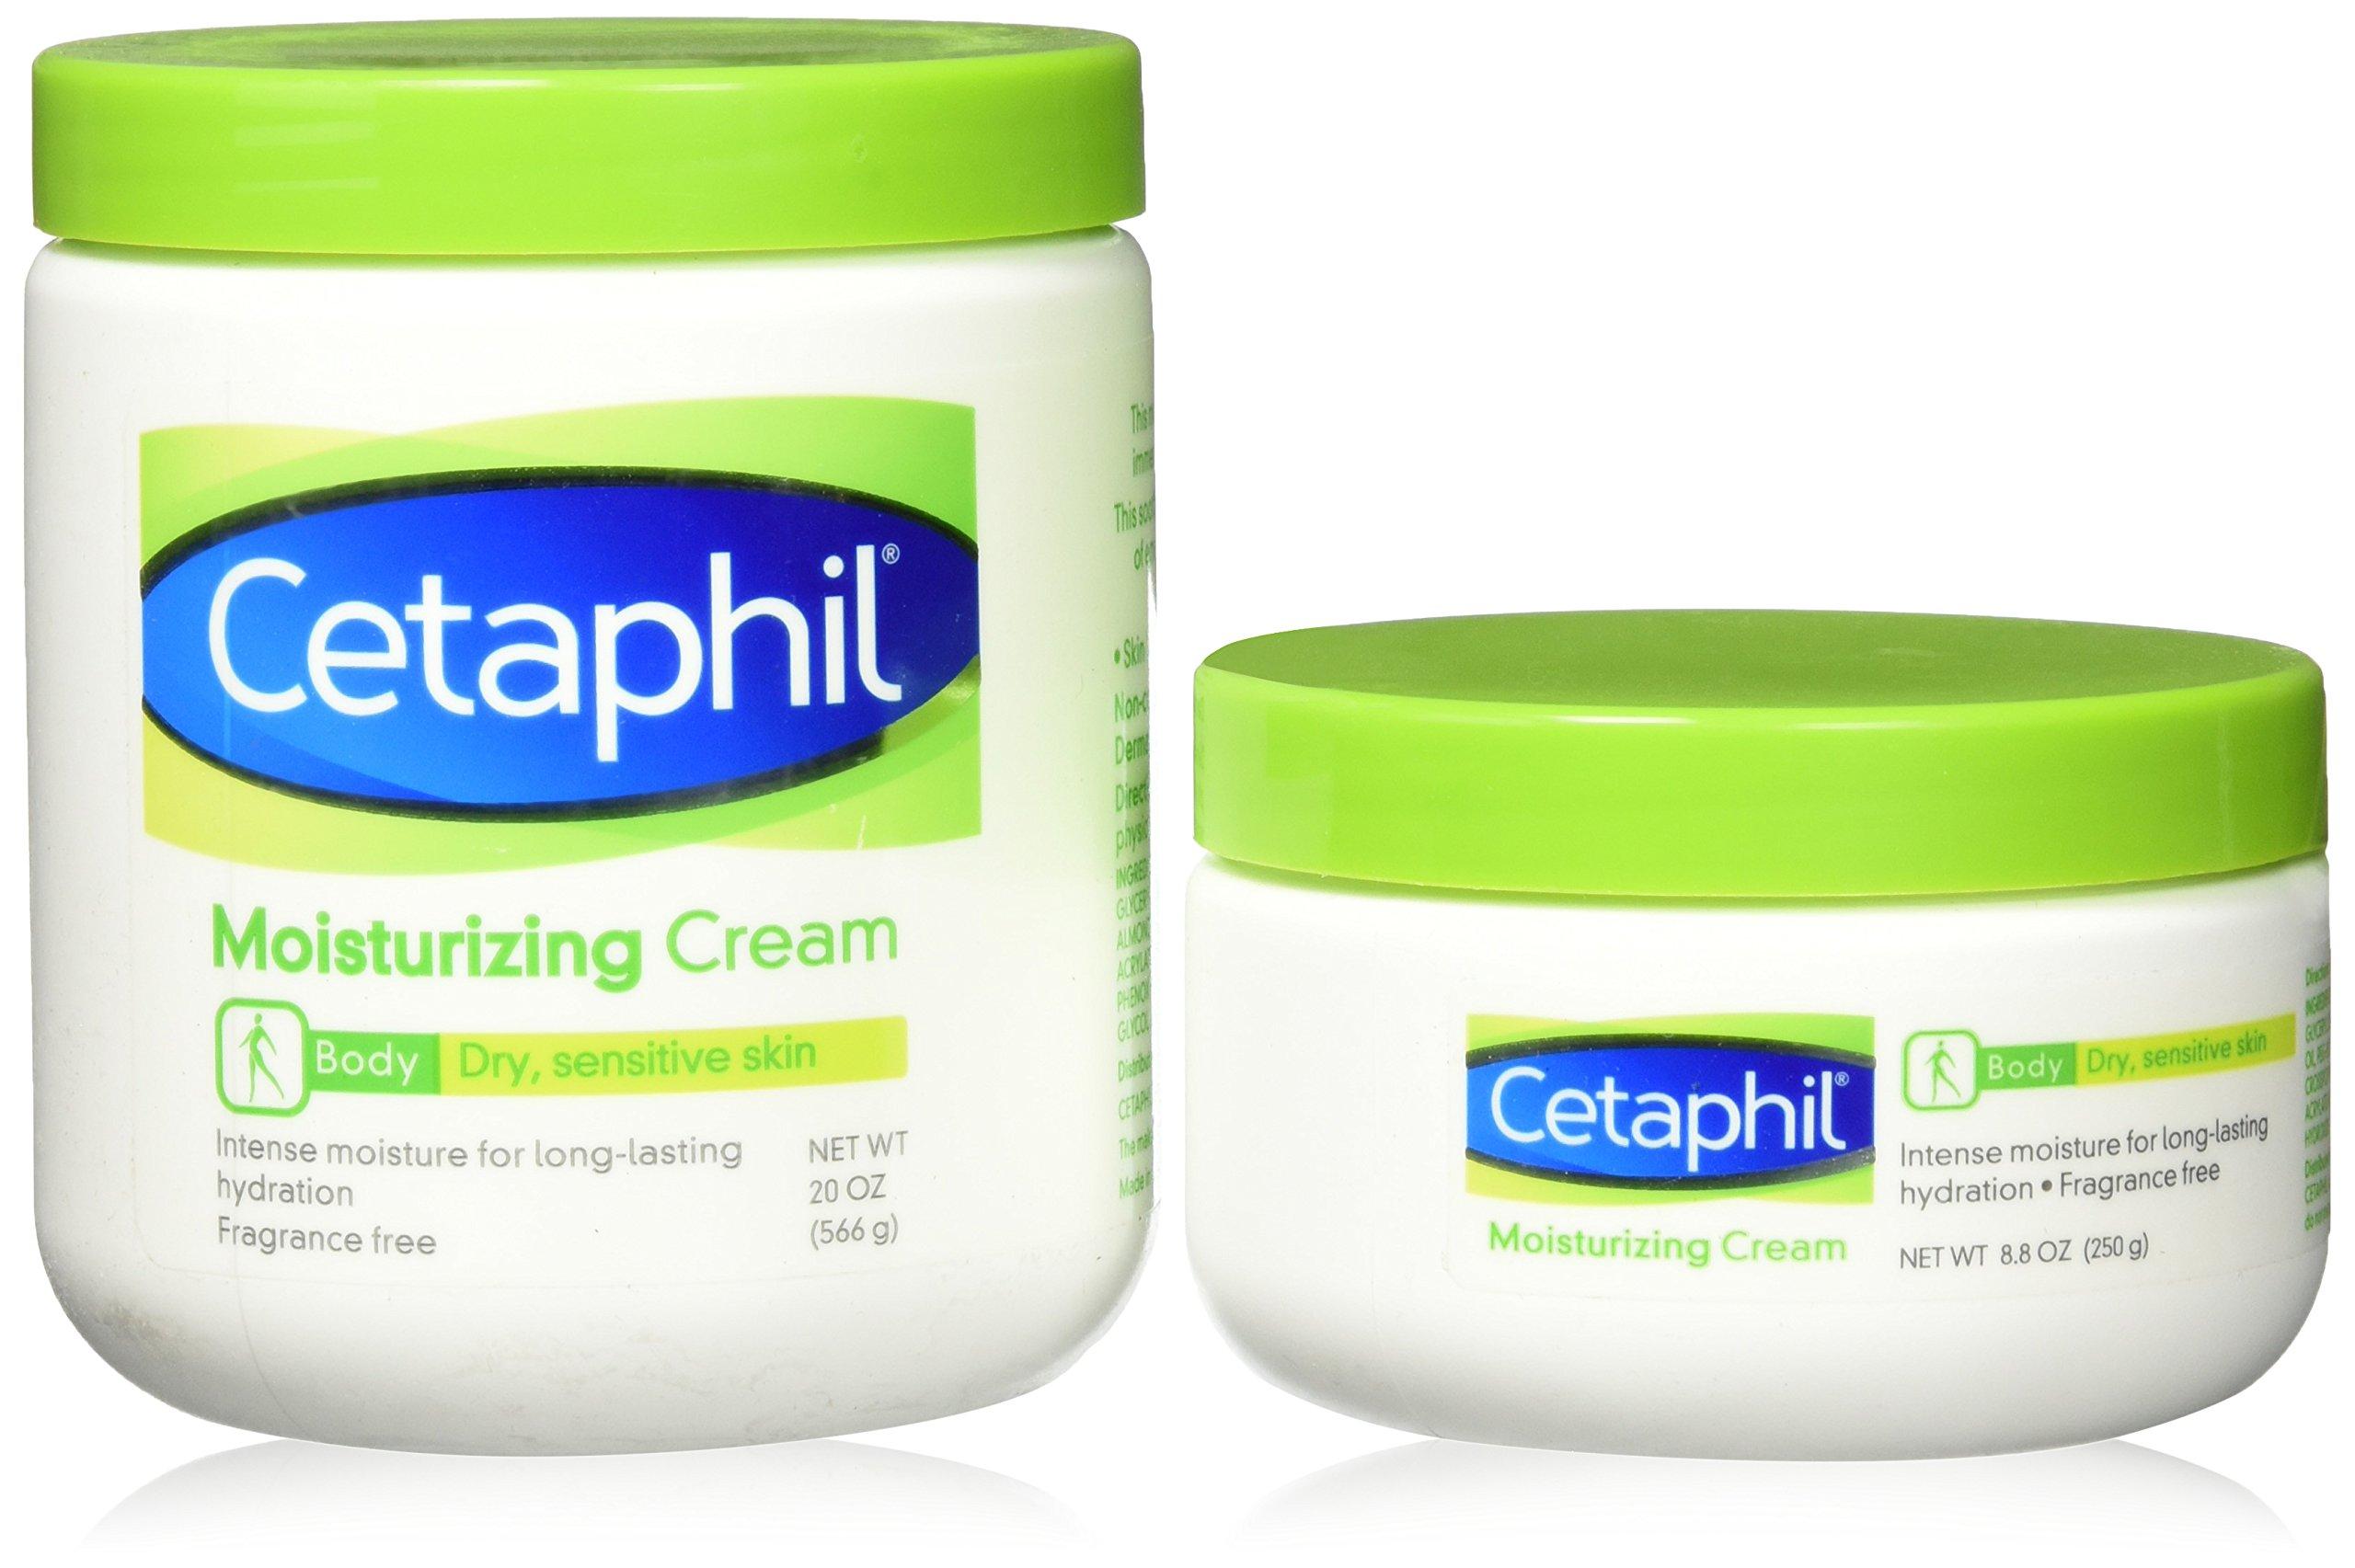 Cetaphil Cream - 2 Pack - 28.8 Oz Total - 20 Oz Jar and 8.8 Oz Jar by Cetaphil.